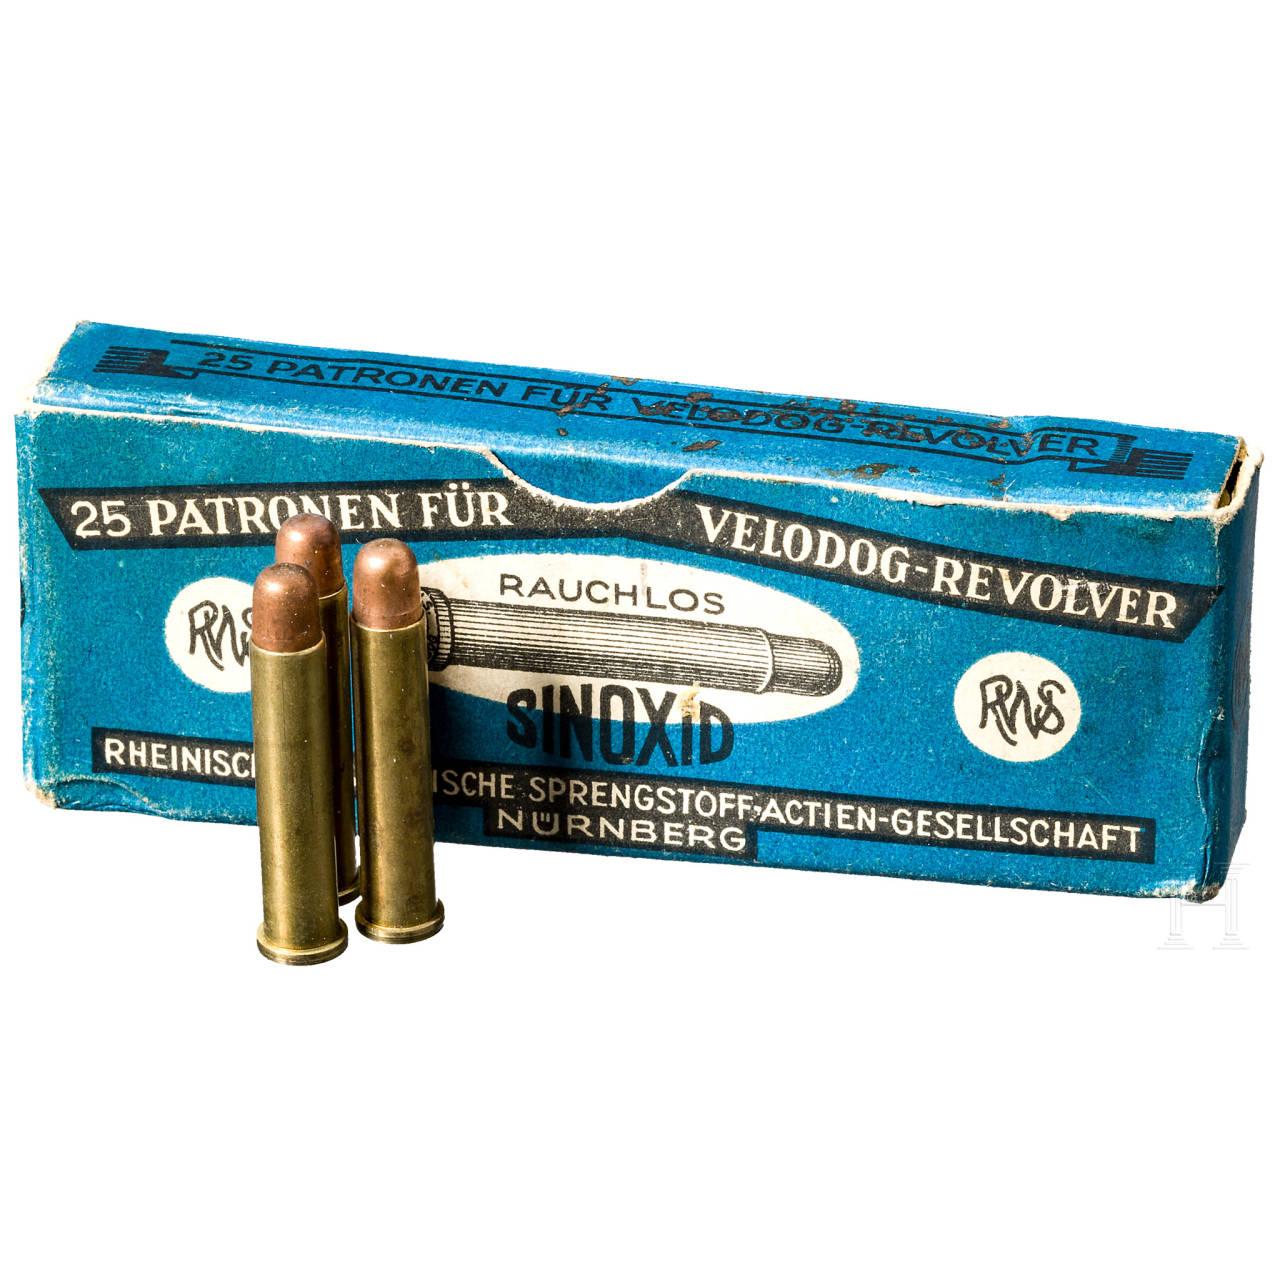 25 Patronen 5,75 mm Velodog Revolver, in Originalschachtel